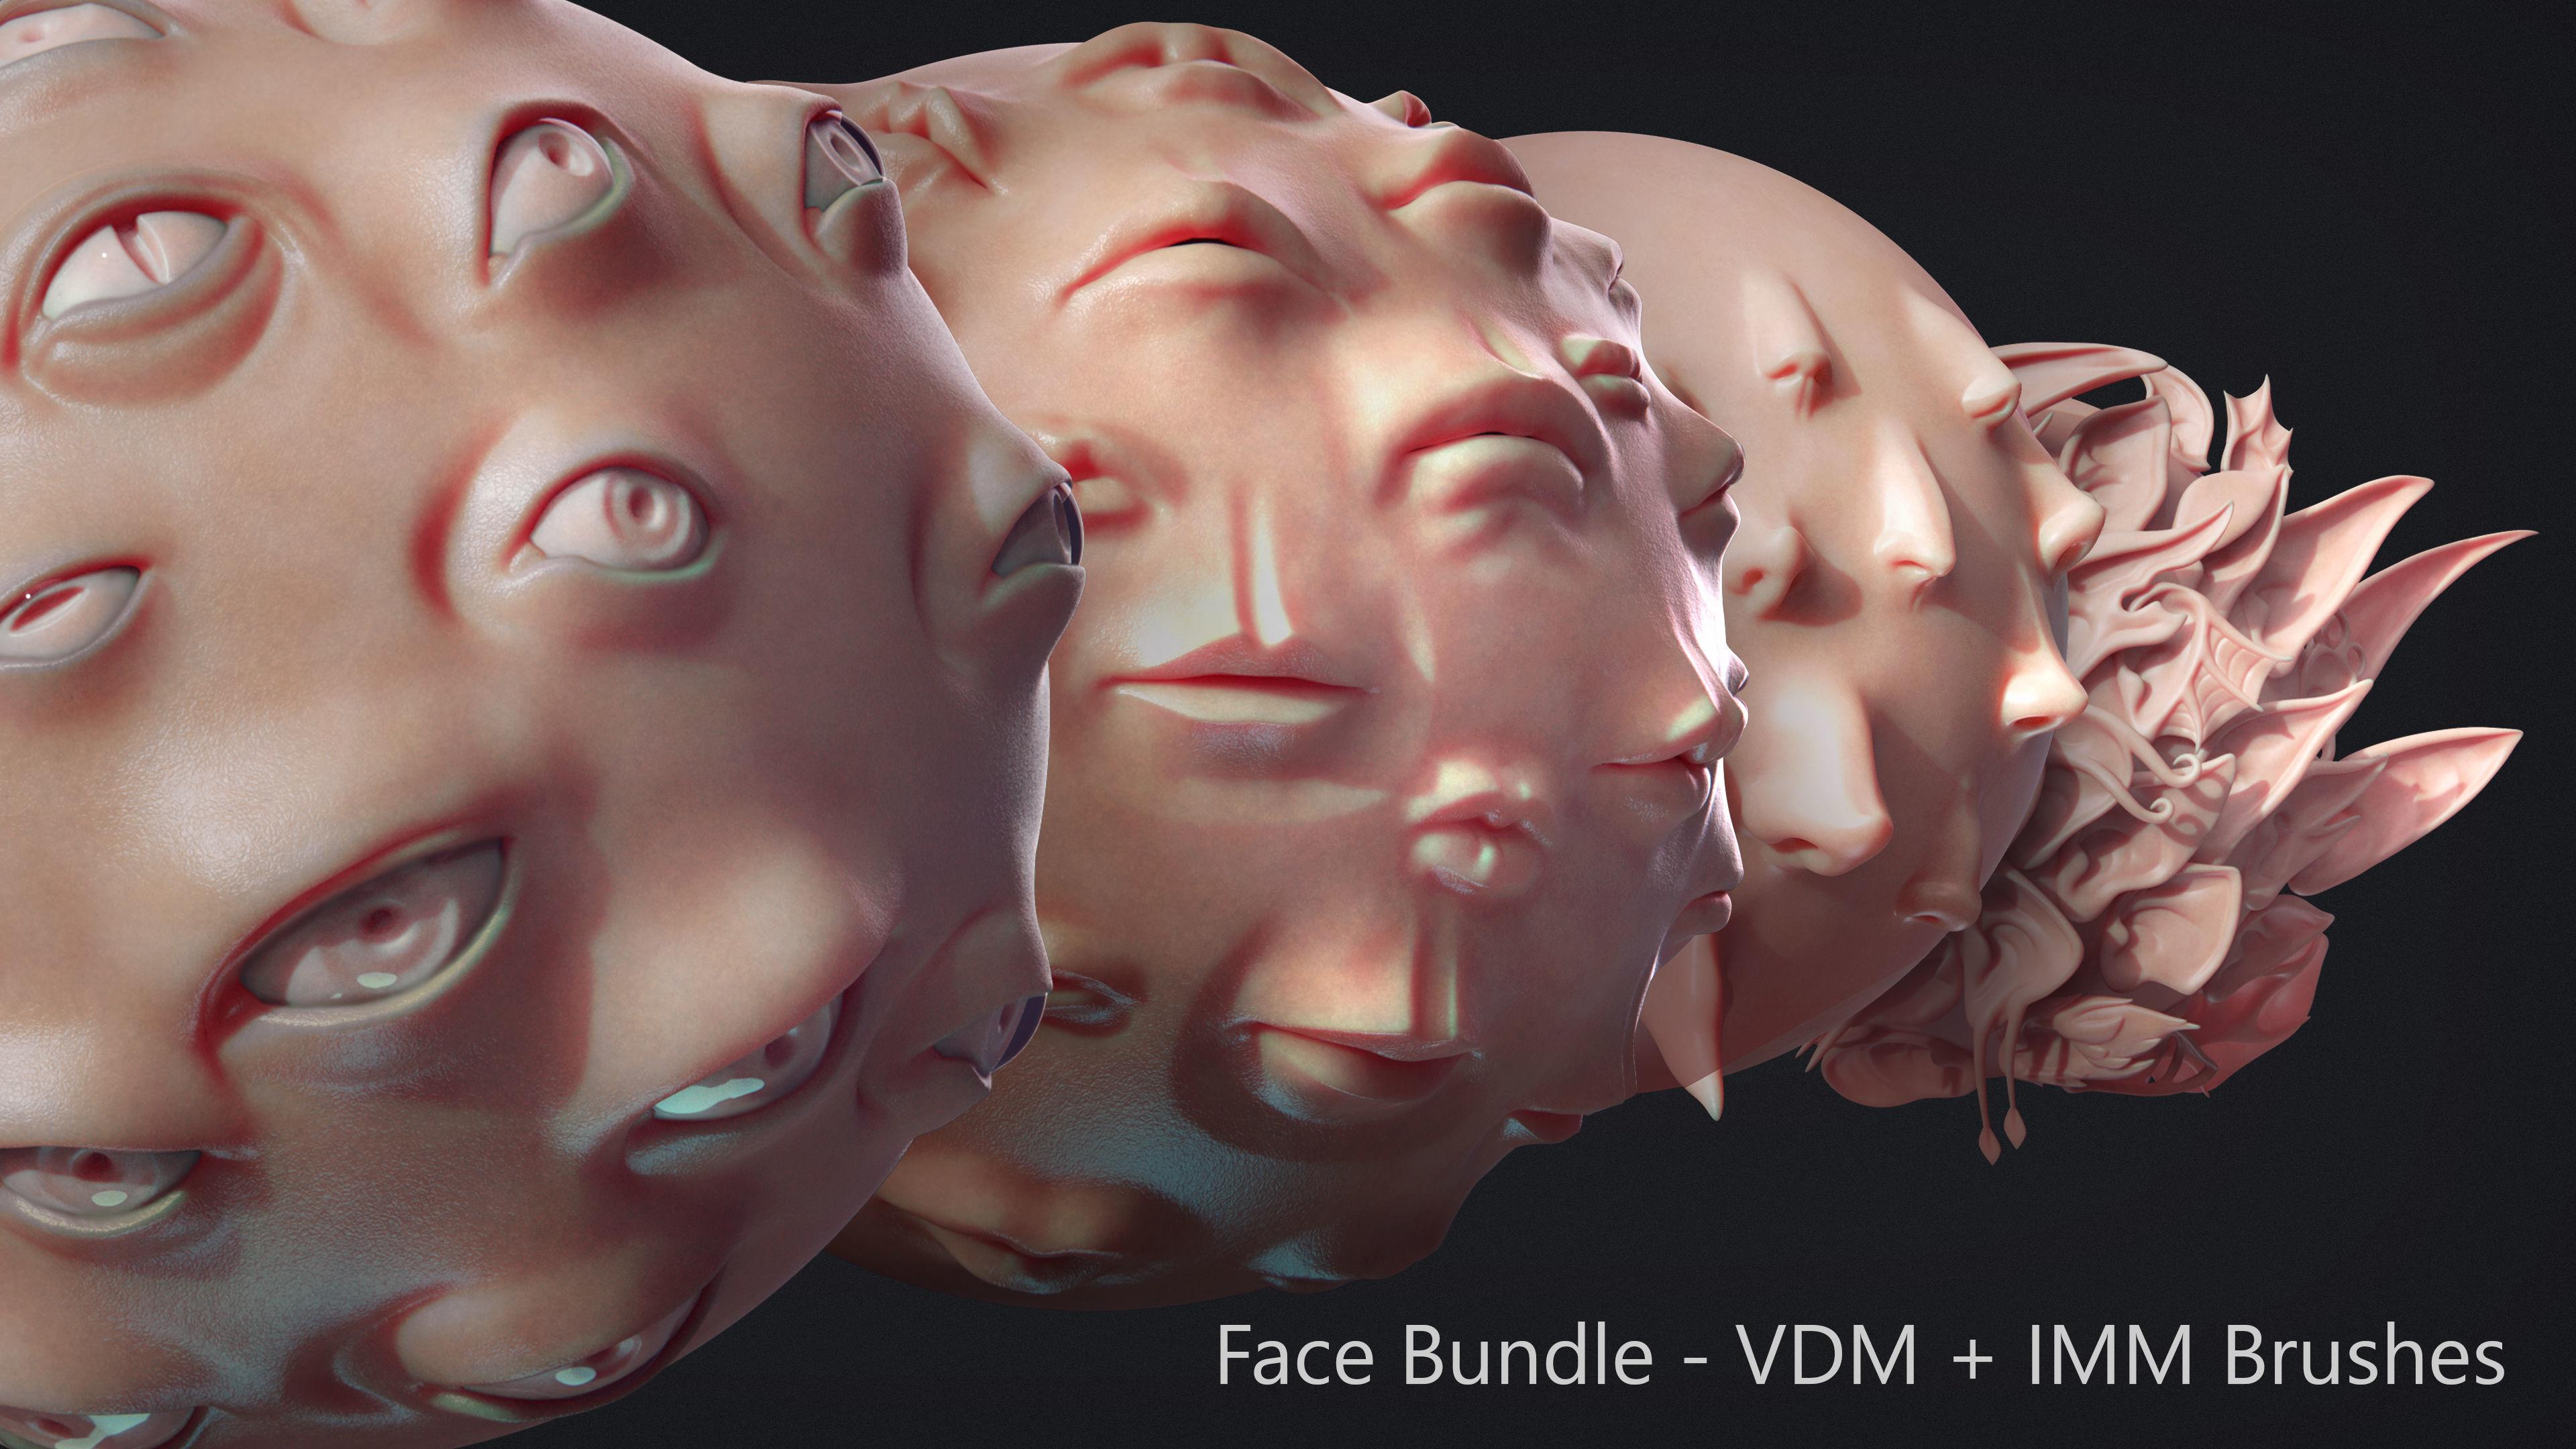 Zbrush - Face IMM and VDM Bundle